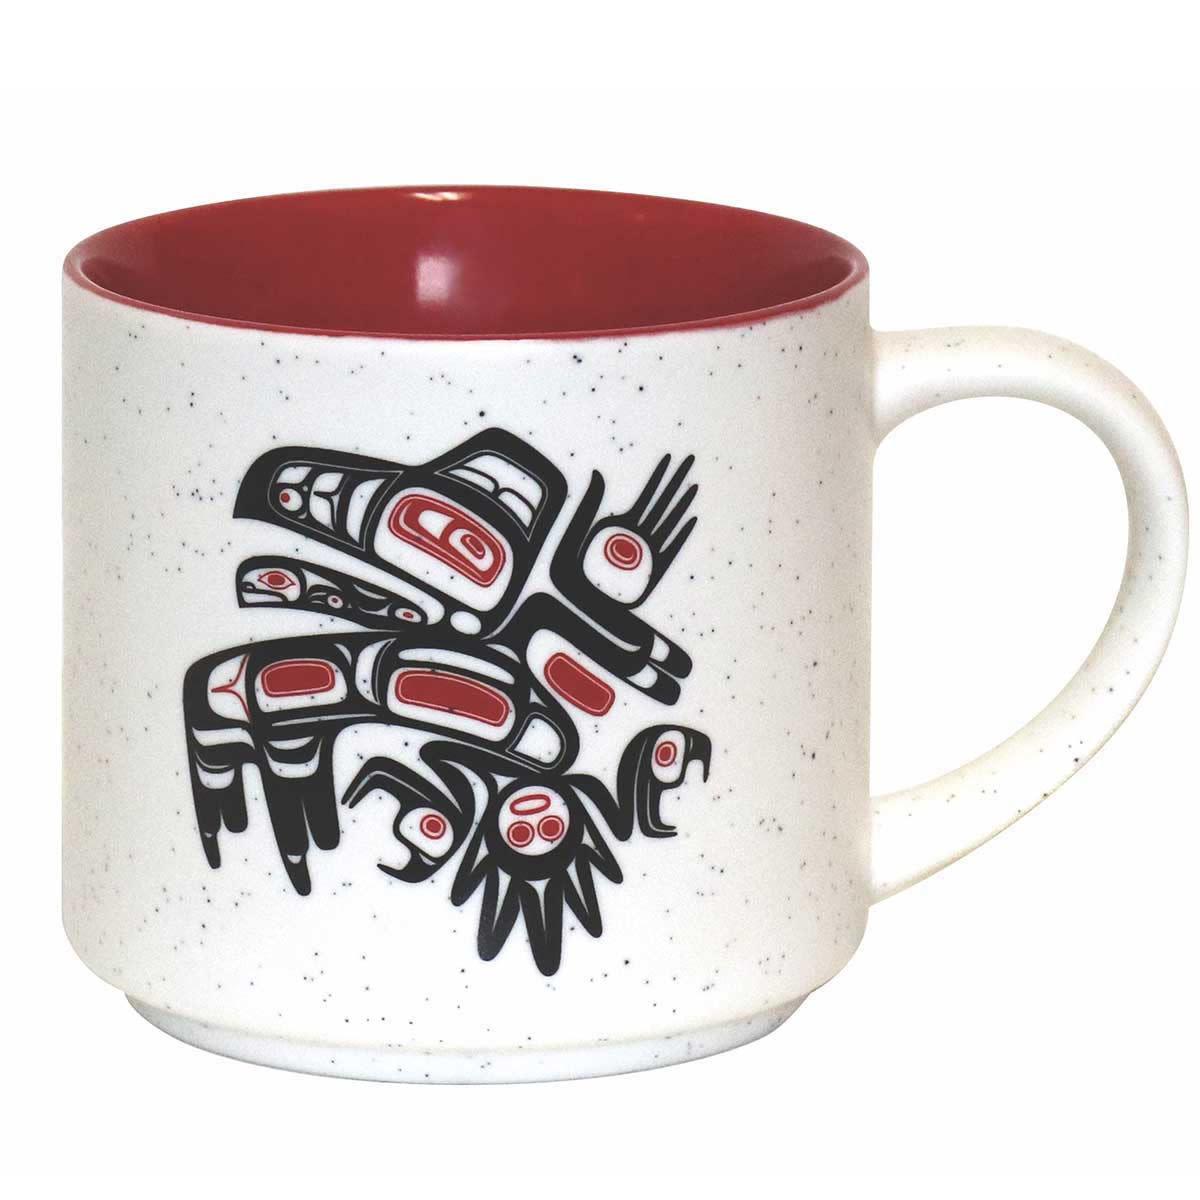 16oz Ceramic Mug Running Raven-Morgan Asoyuf-2